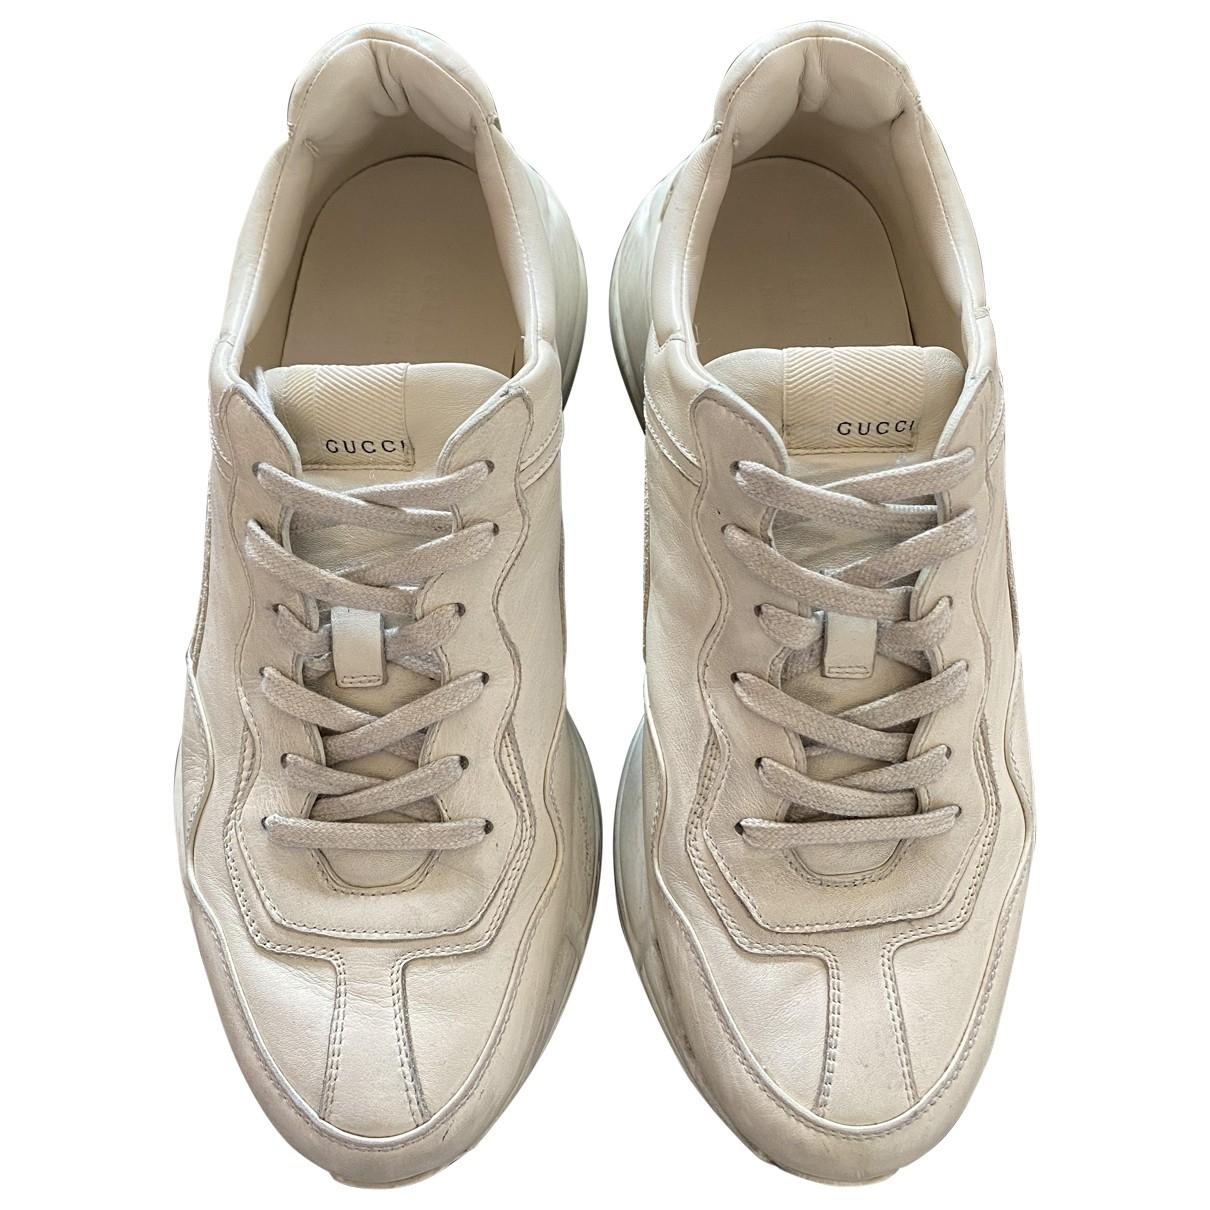 Gucci - Baskets Rhyton pour homme en cuir - beige